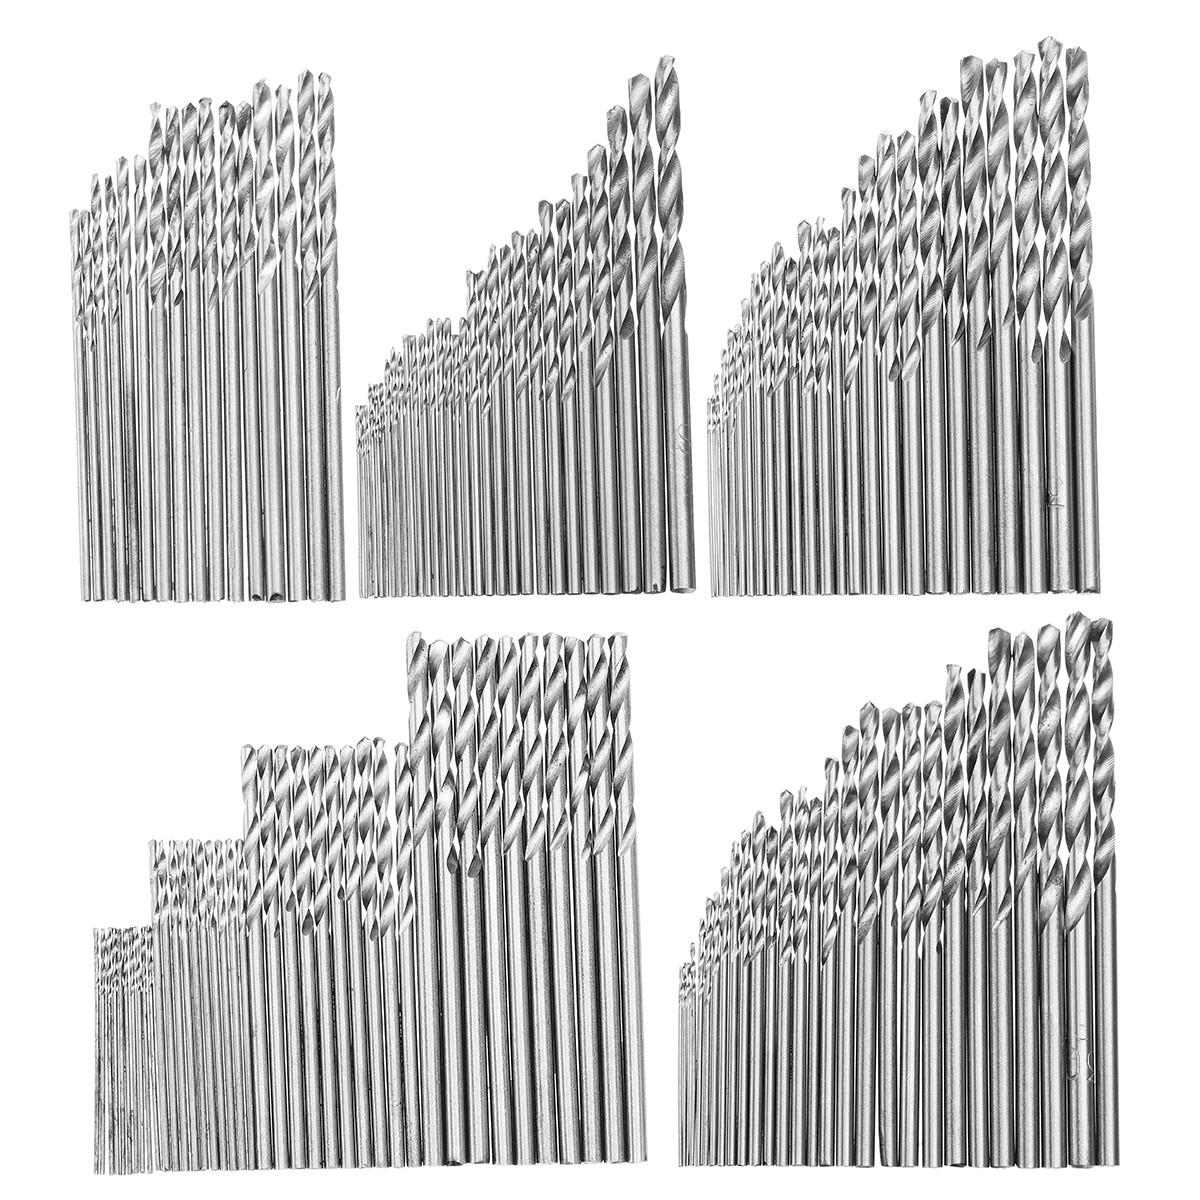 16/25/28/30 / 40Pcs Набор сверлильных сверл с метрической резьбой 0.5-3 мм - 1TopShop